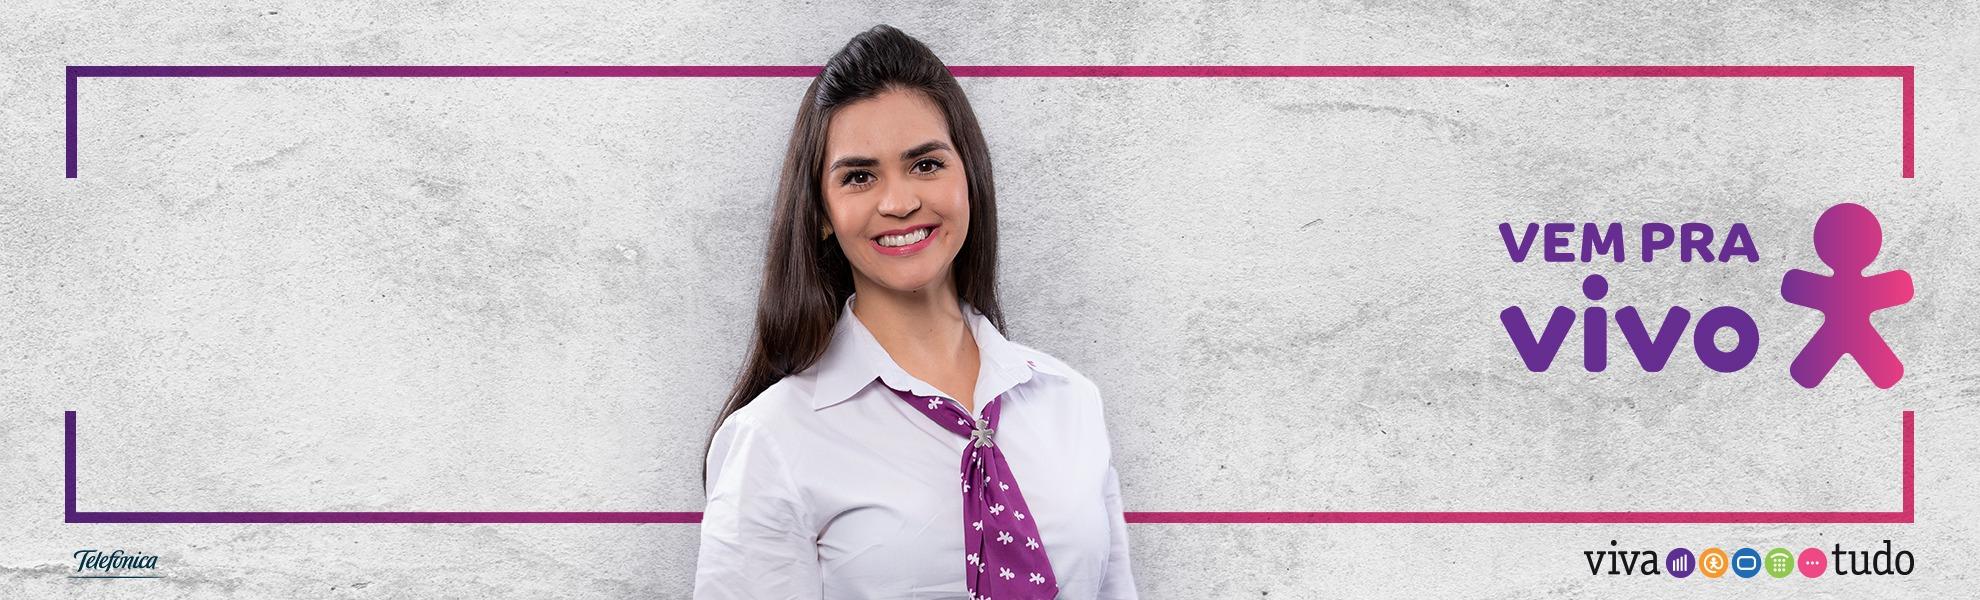 Banco de Talentos - Recepcionista (Lojas Vivo)